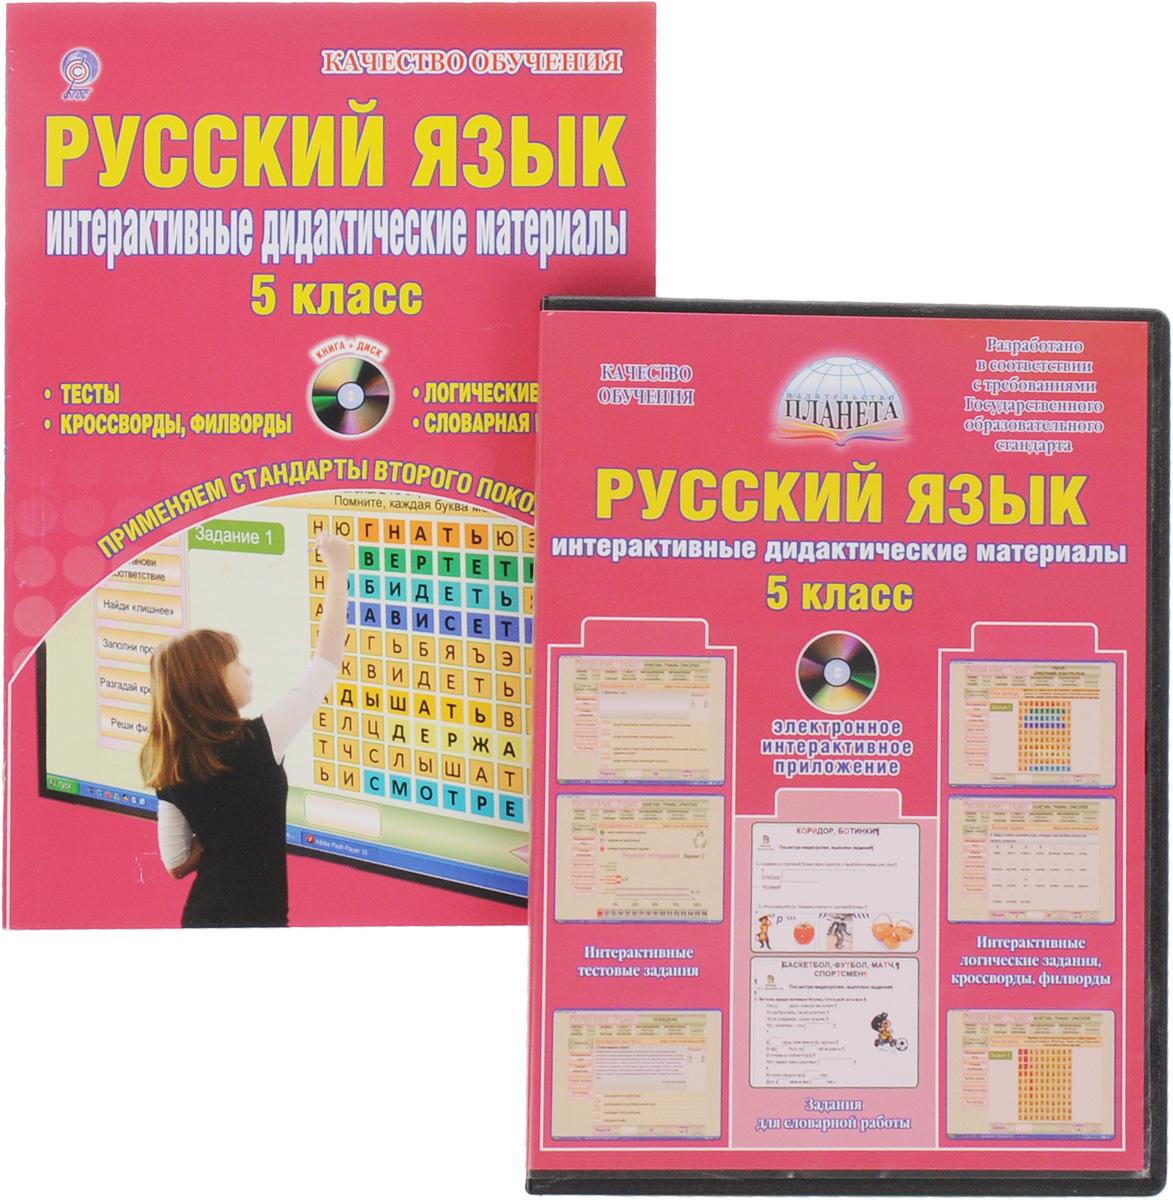 Русский язык. 5 класс. Интерактивные дидактические материалы (+ CD) cd диск guano apes offline 1 cd